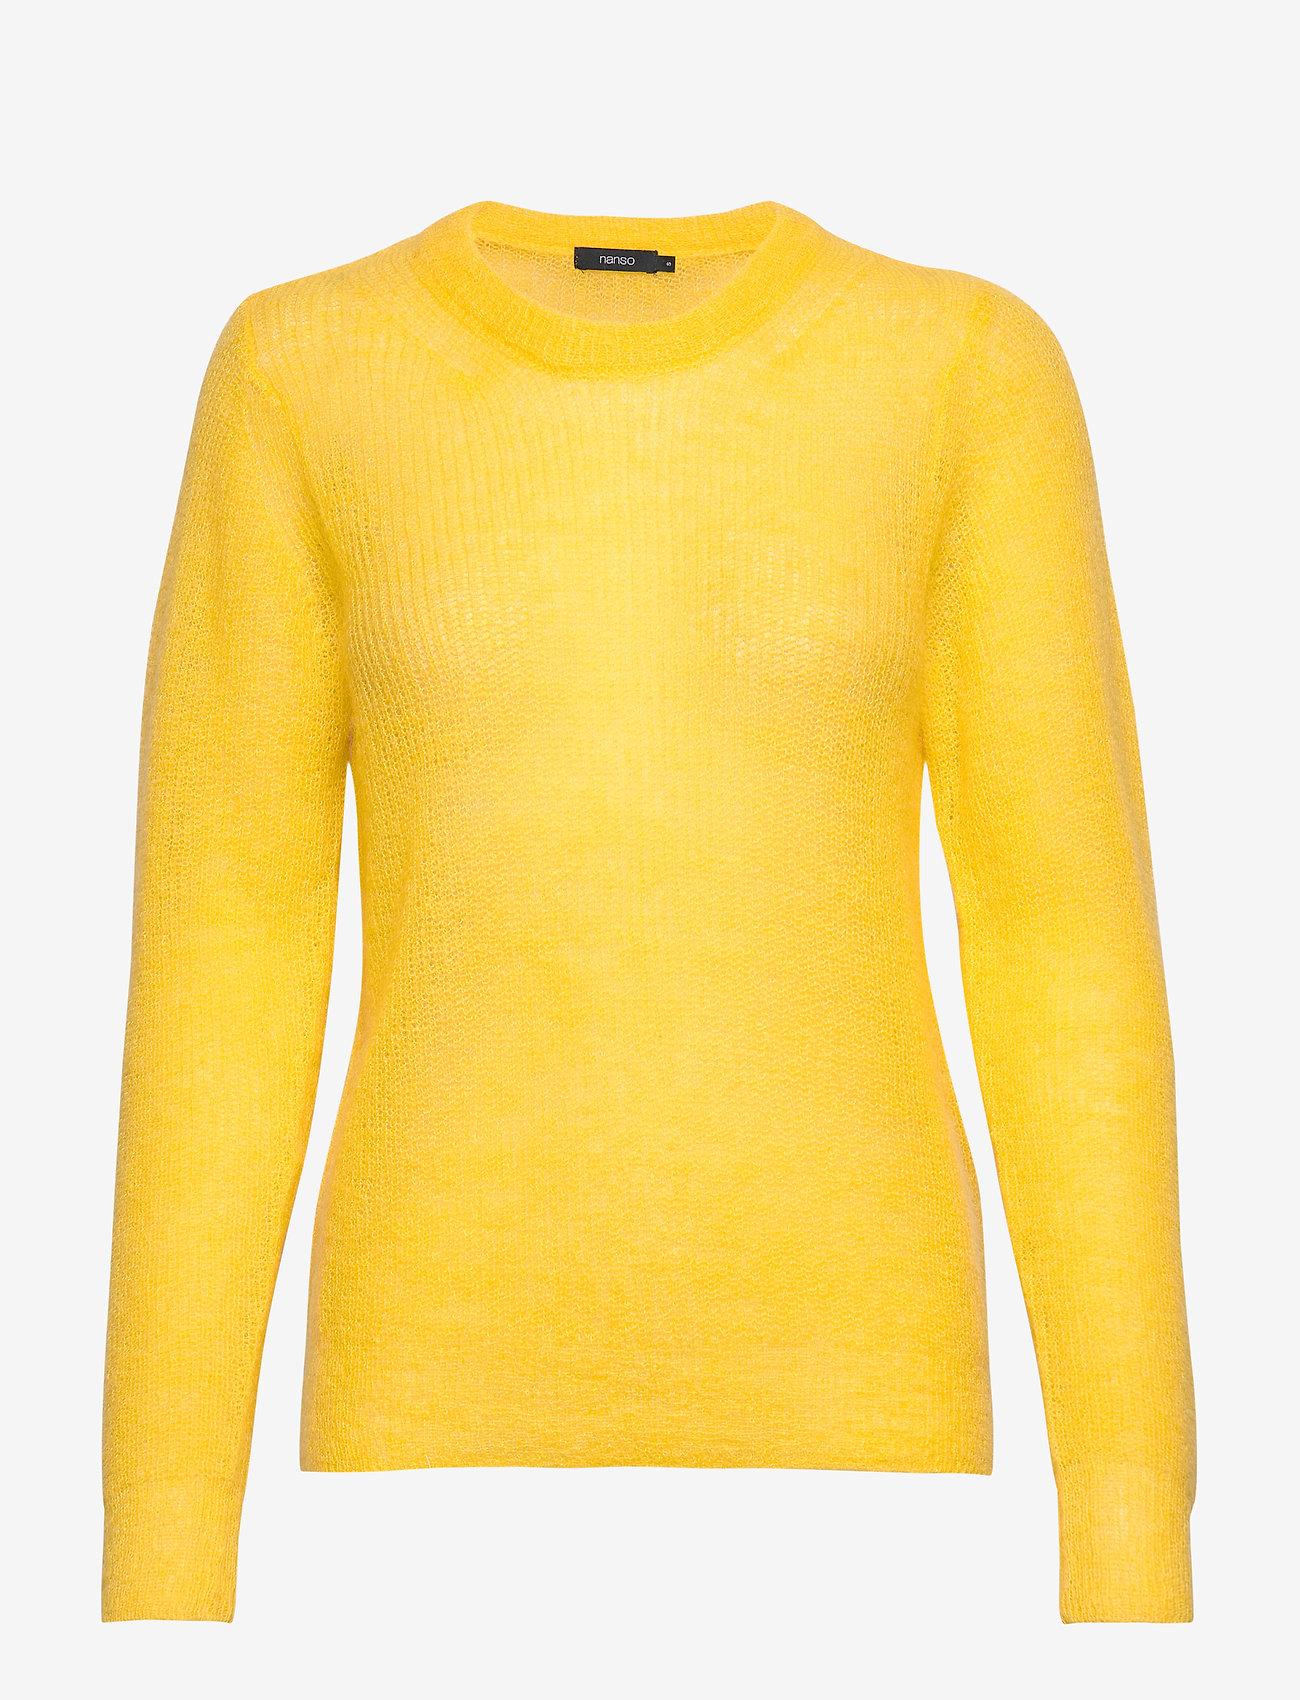 Nanso - Ladies knit sweater, Kuura - neulepuserot - yellow - 0